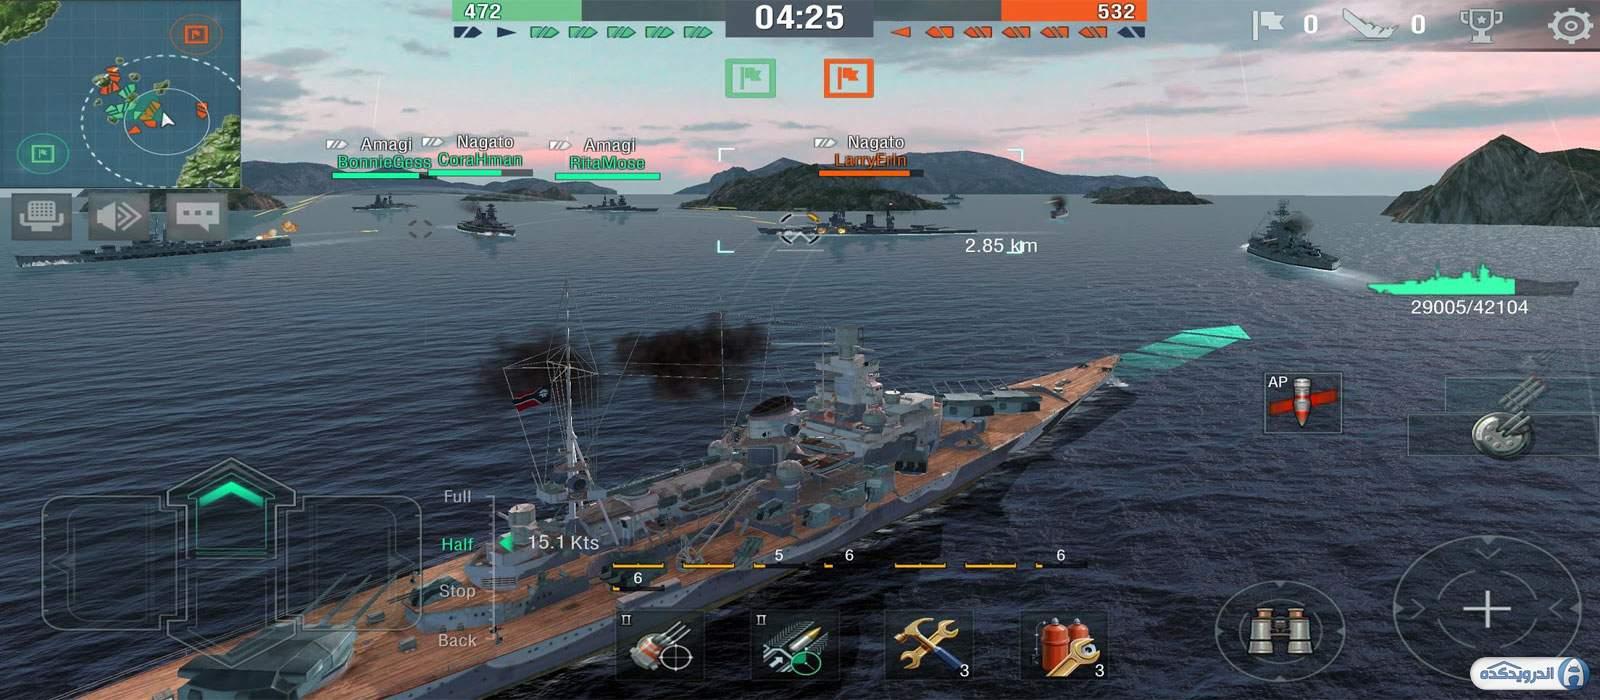 دانلود World of Warships Blitz 4.2.2 بازی حمله کشتی های جنگی اندروید